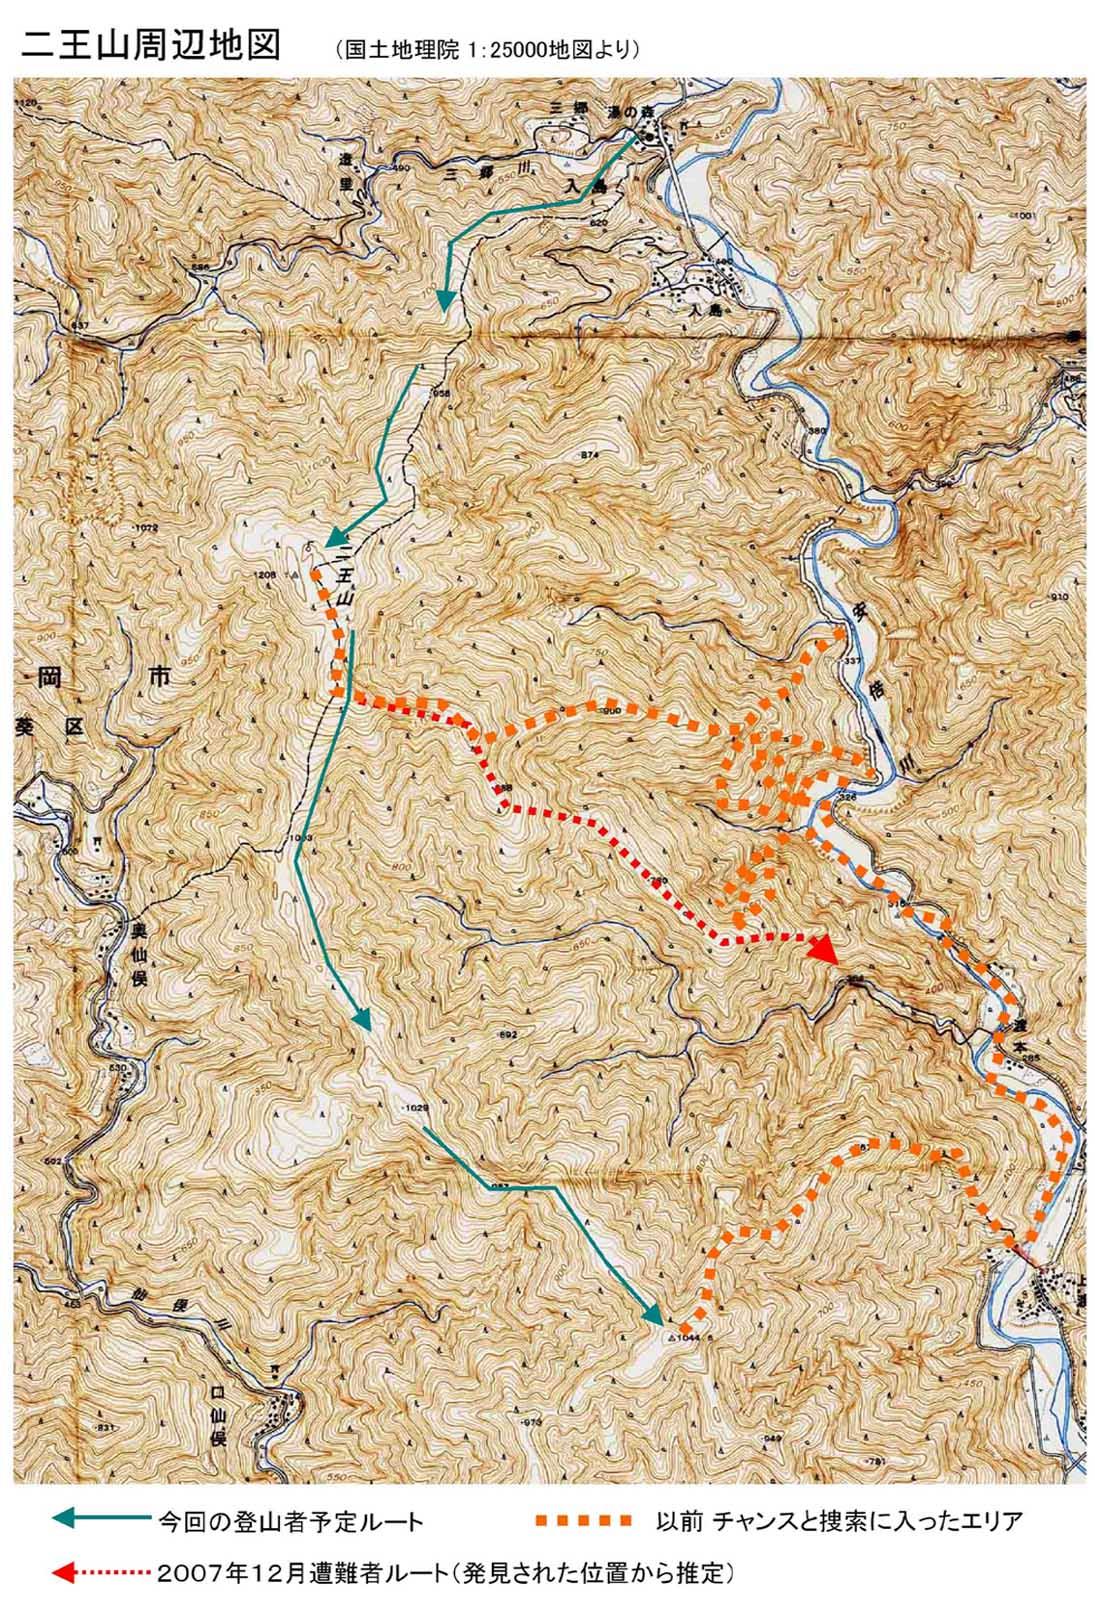 二王山周辺地図圧縮